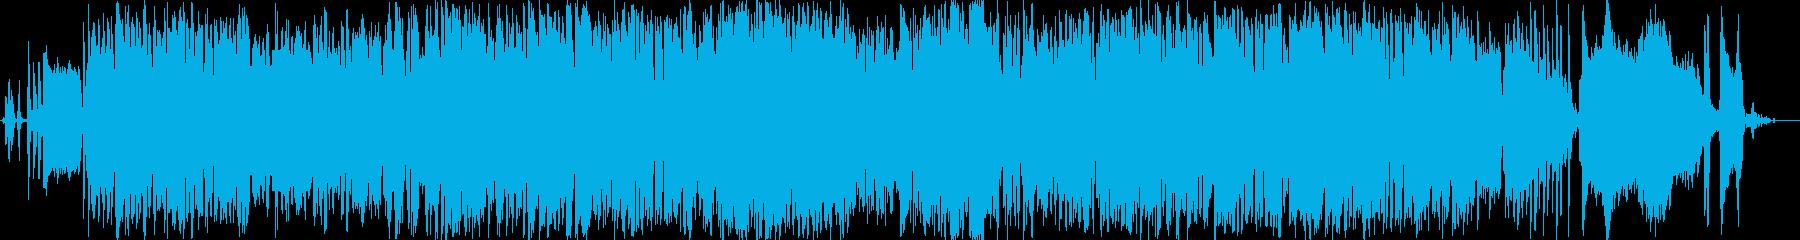 ロックンロールの再生済みの波形